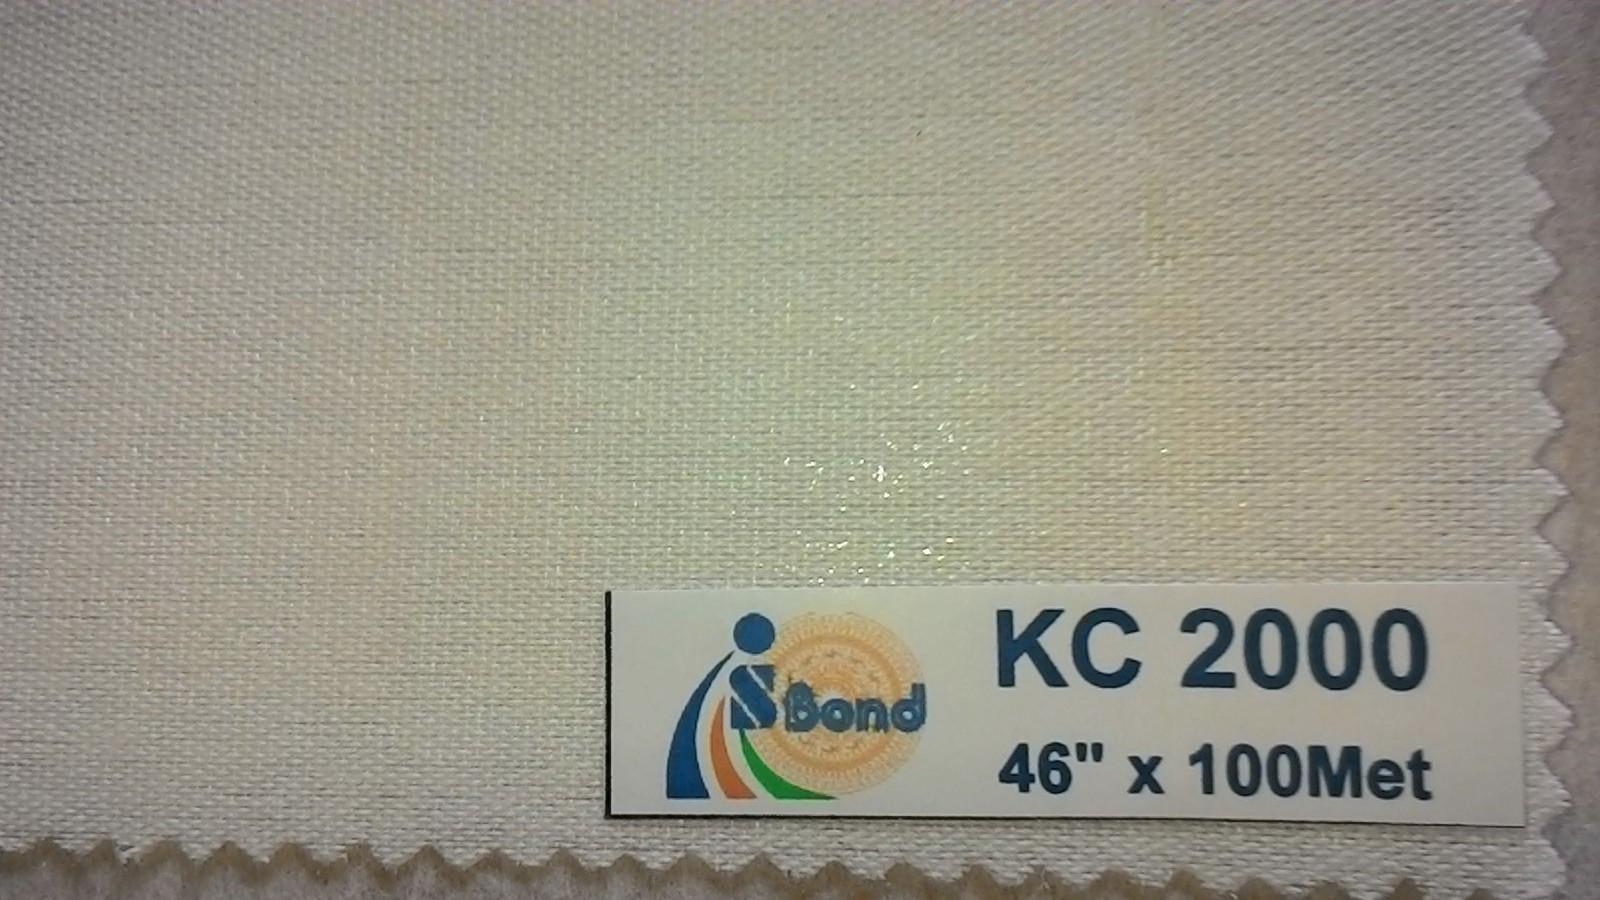 KEO CƯỚC # KC 2000